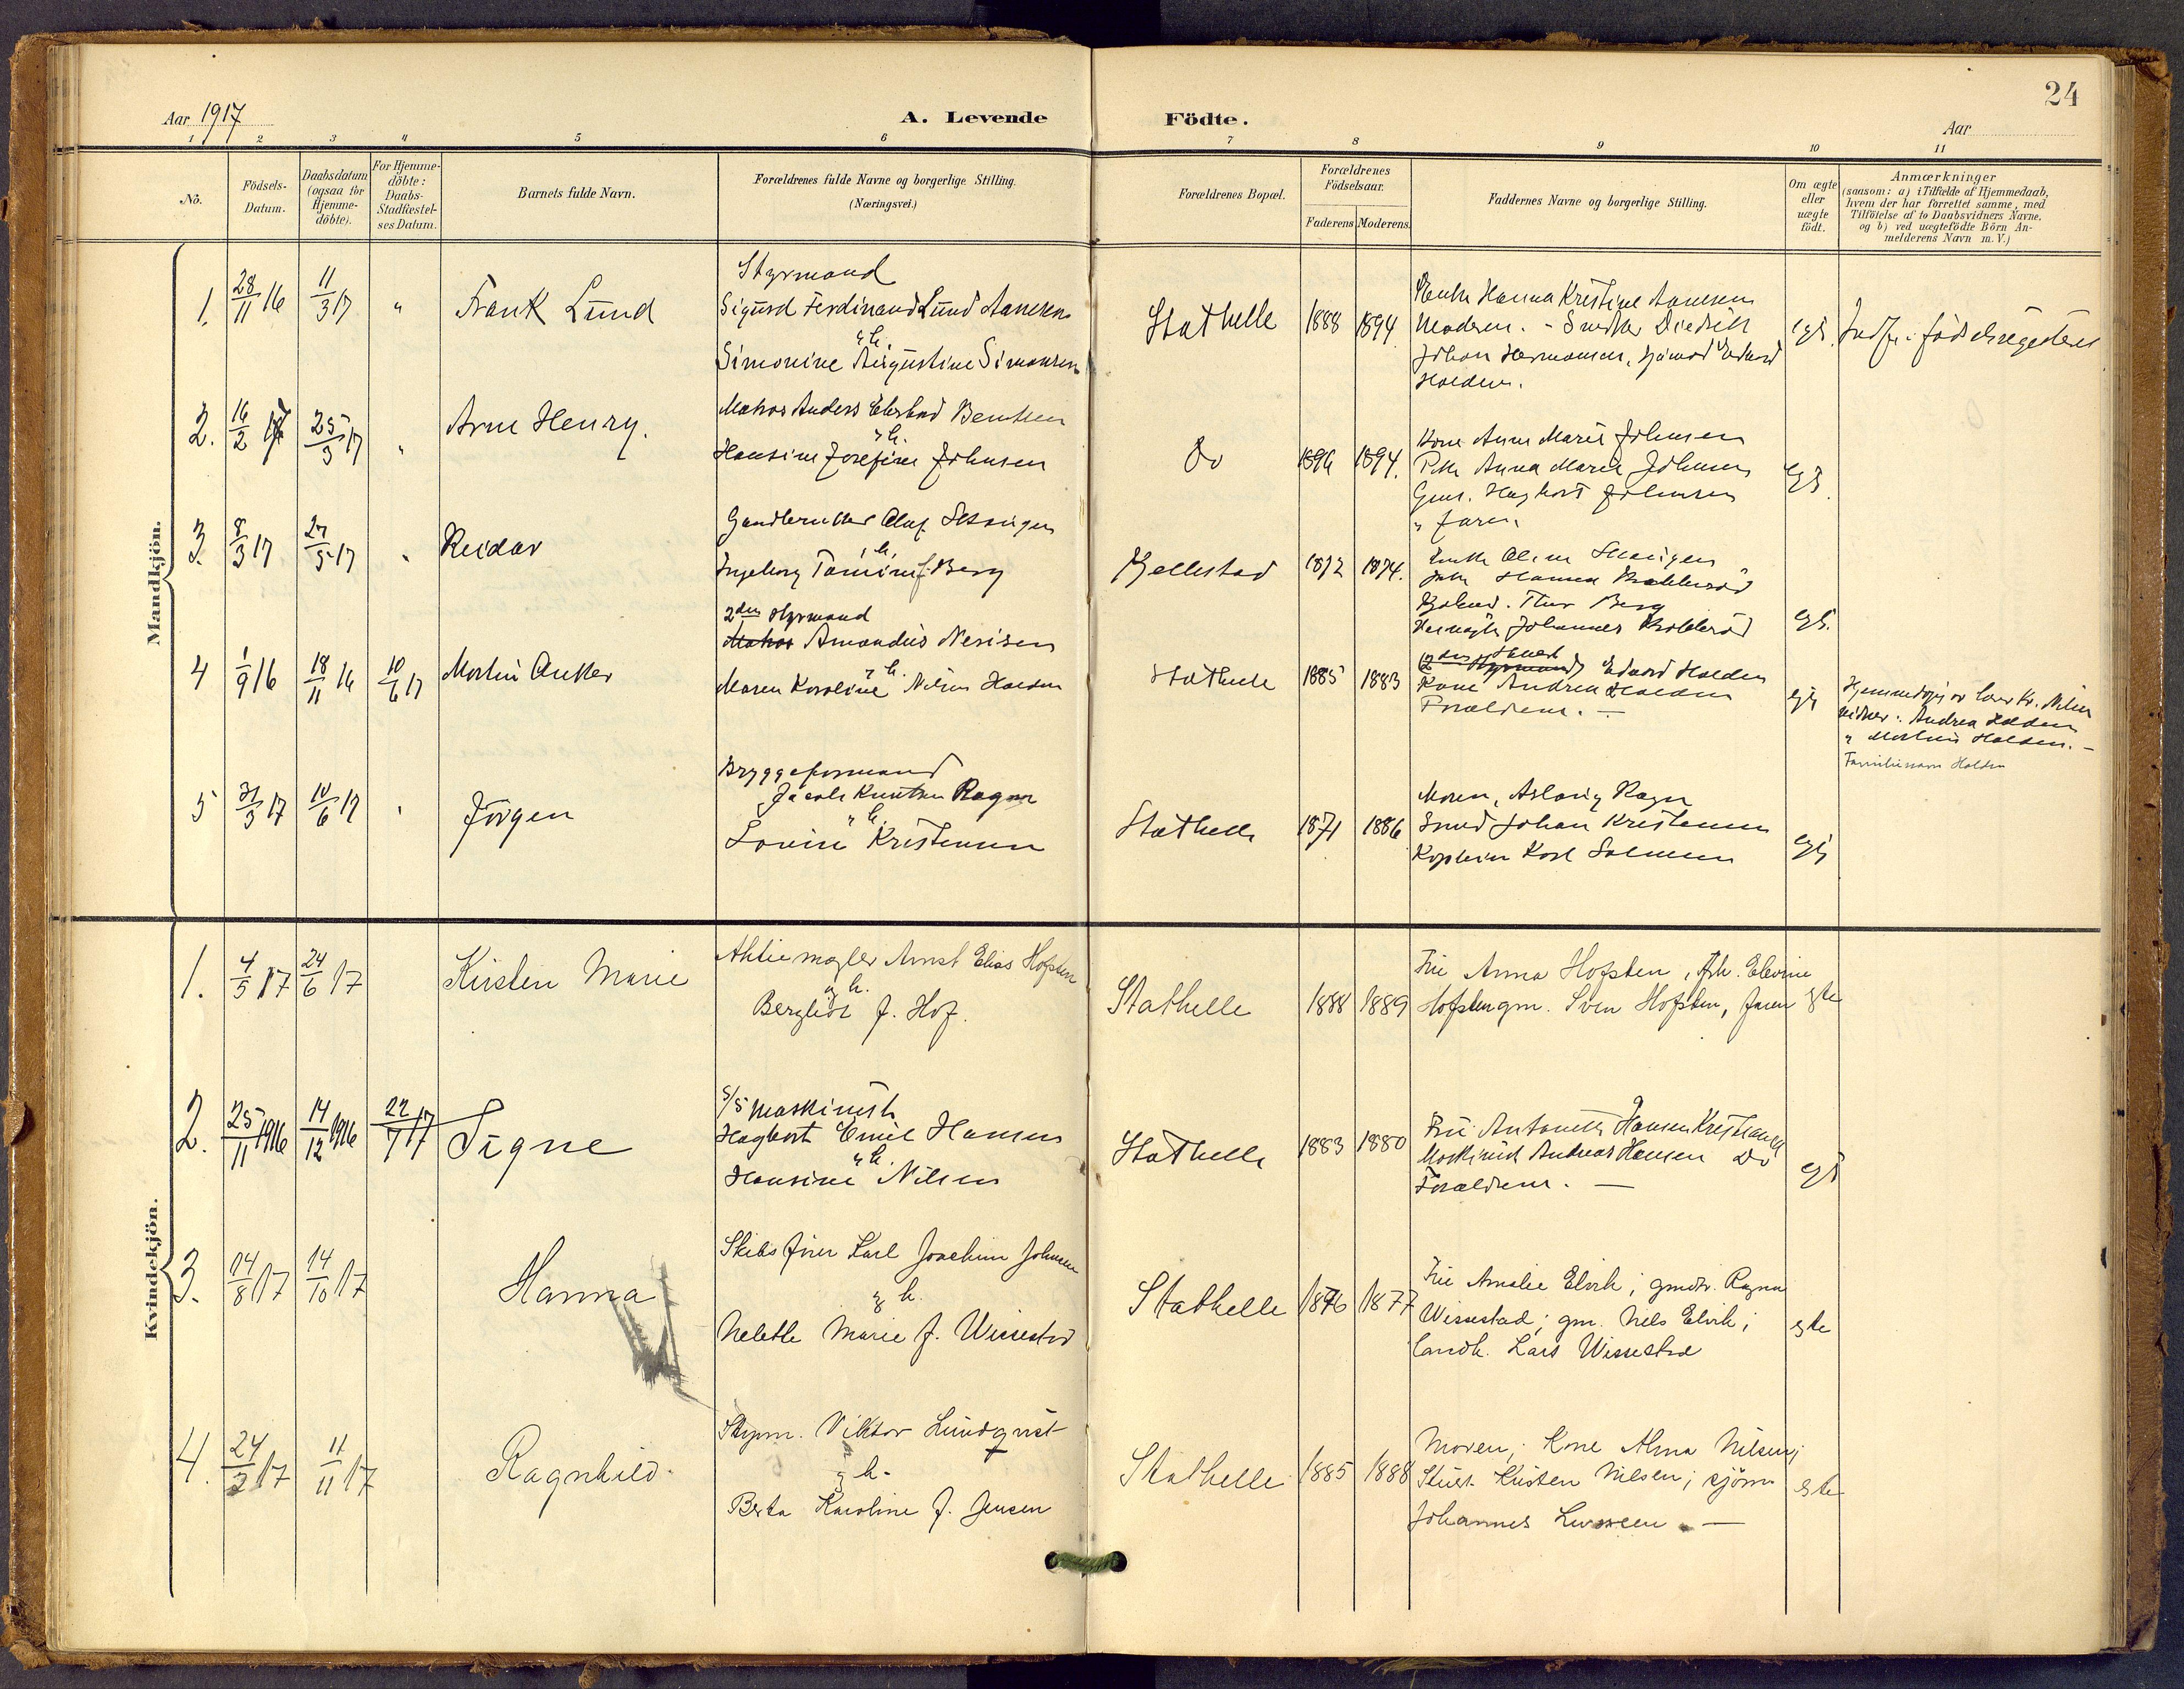 SAKO, Bamble kirkebøker, F/Fb/L0002: Ministerialbok nr. II 2, 1900-1921, s. 24